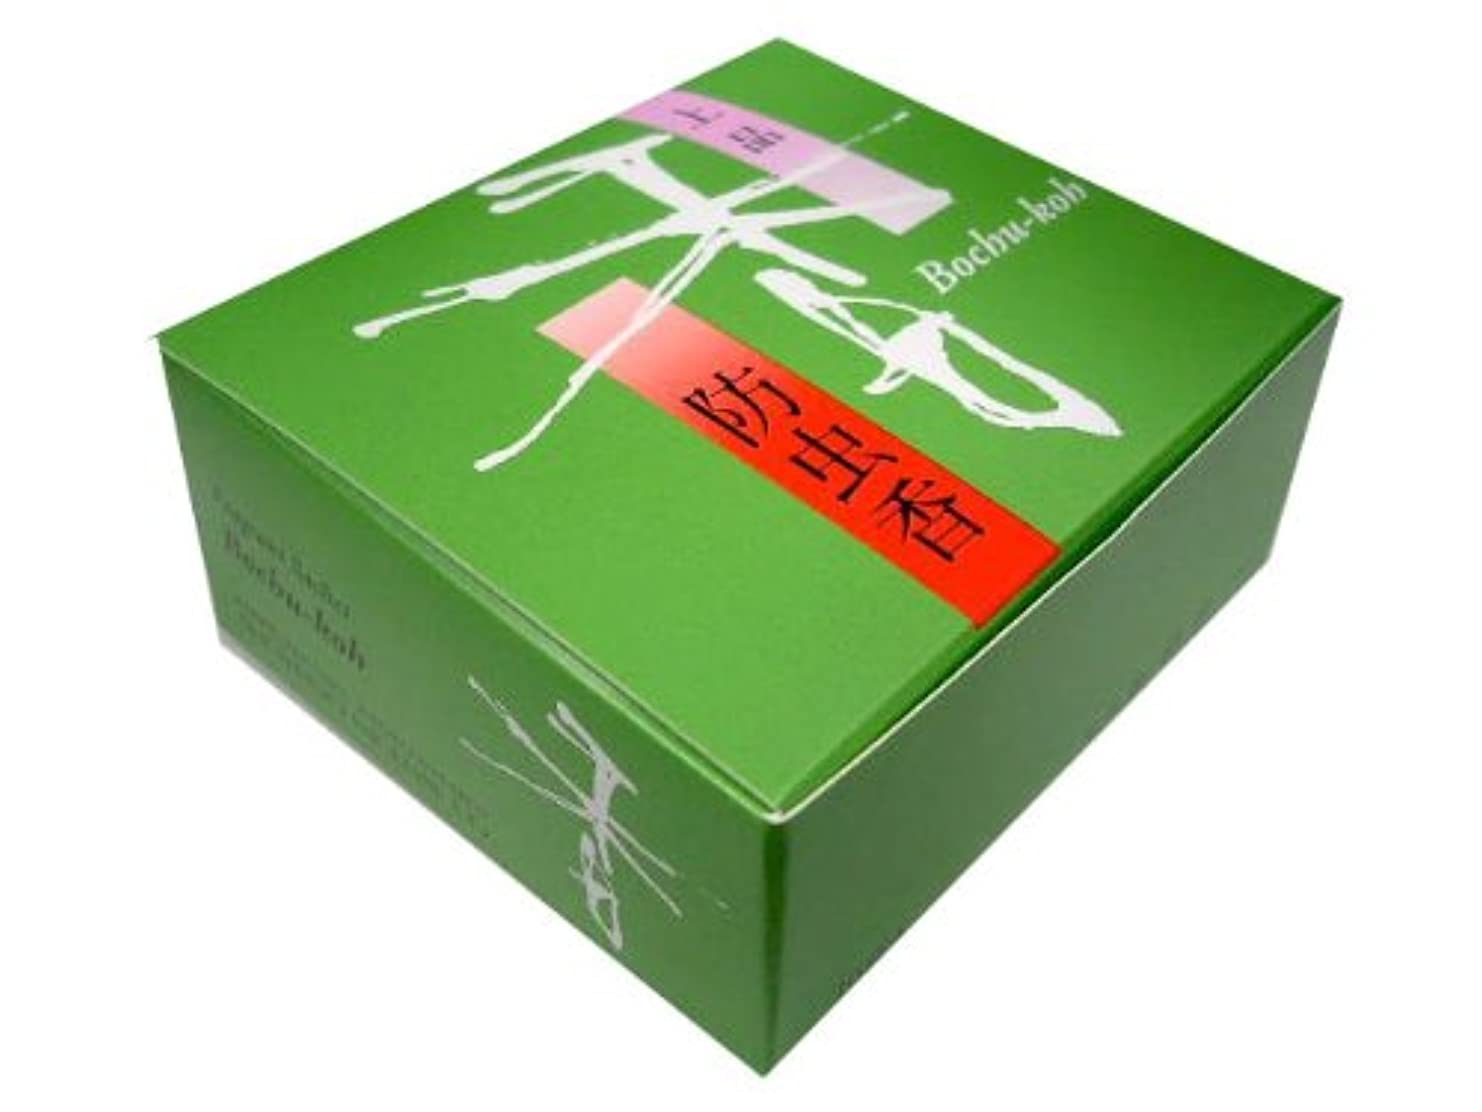 キリスト教革命的ファッション松栄堂の防虫香 上品 防虫香 10袋入 #520138